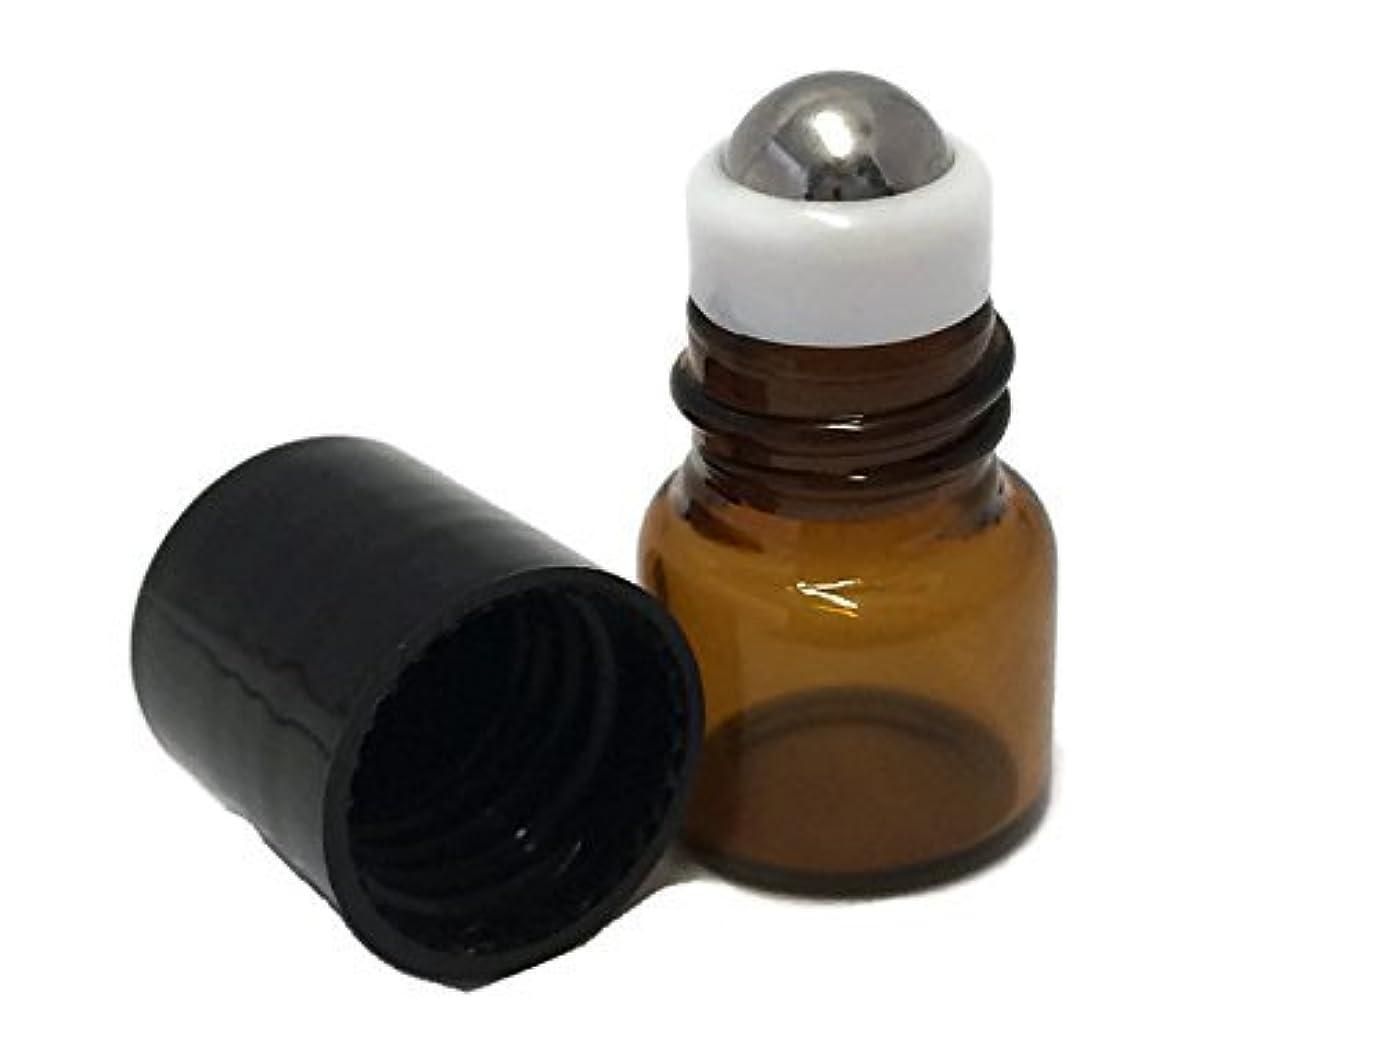 世代画面艦隊USA 144-1 ml (1/4 Dram) Amber Glass Micro Mini Roll-on Glass Bottles with Stainless Steel Roller Balls - Refillable...